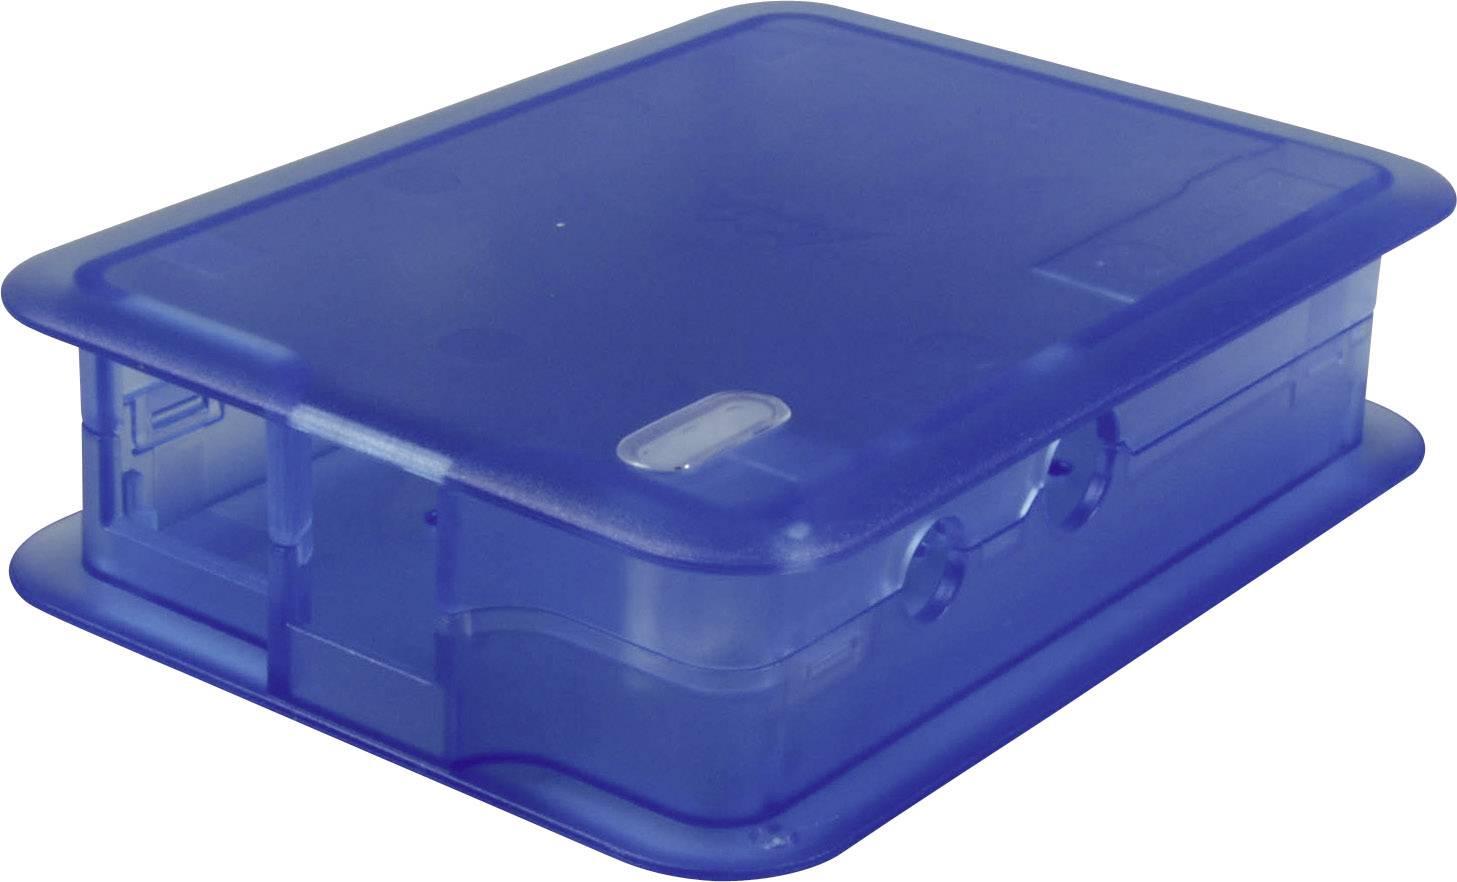 Kryt pro Raspberry Pi® TEKO TEK-BERRY.33, modrá (transparentní)